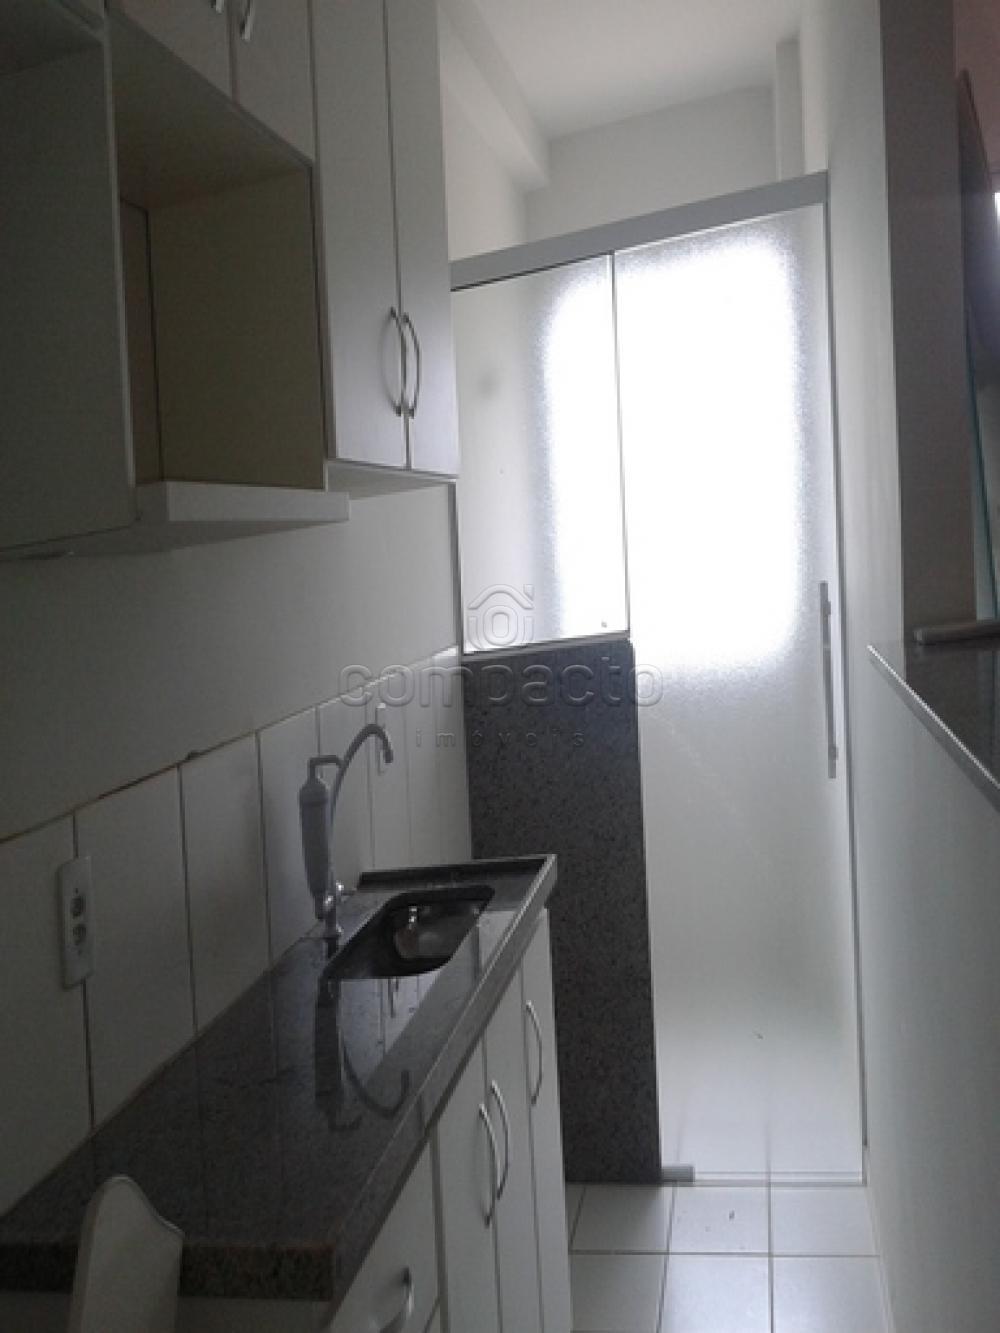 Alugar Apartamento / Padrão em São Carlos apenas R$ 1.060,00 - Foto 13